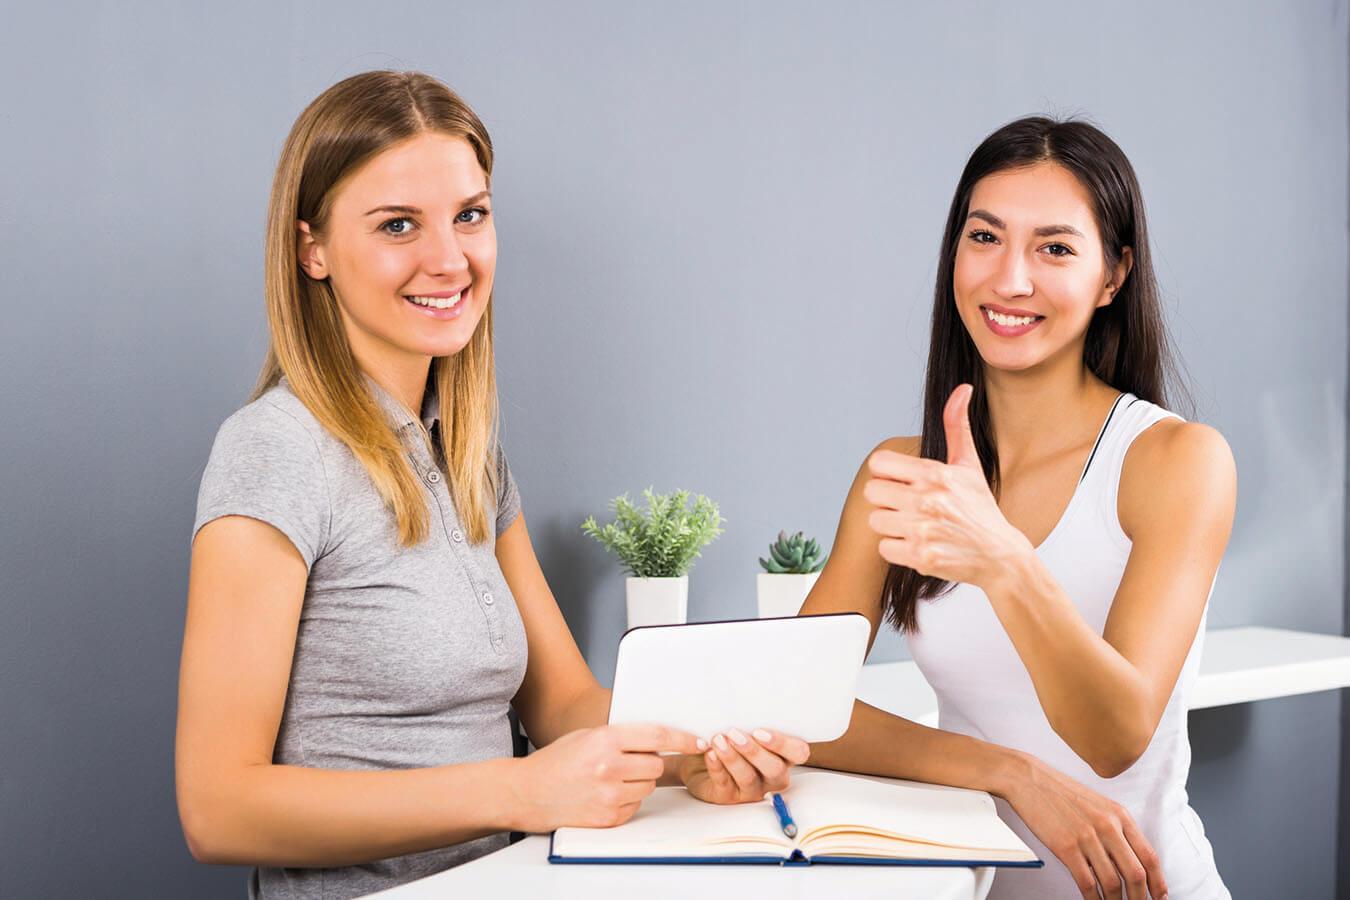 Aumentare la produttività dello staff di una palestra